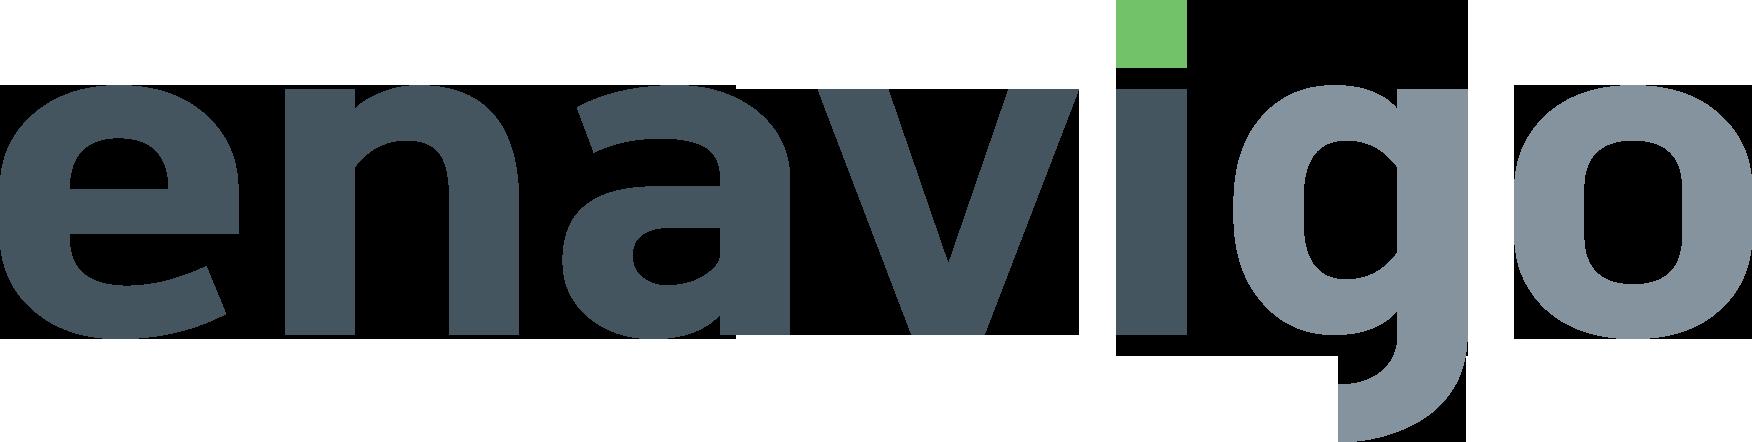 Enavigo